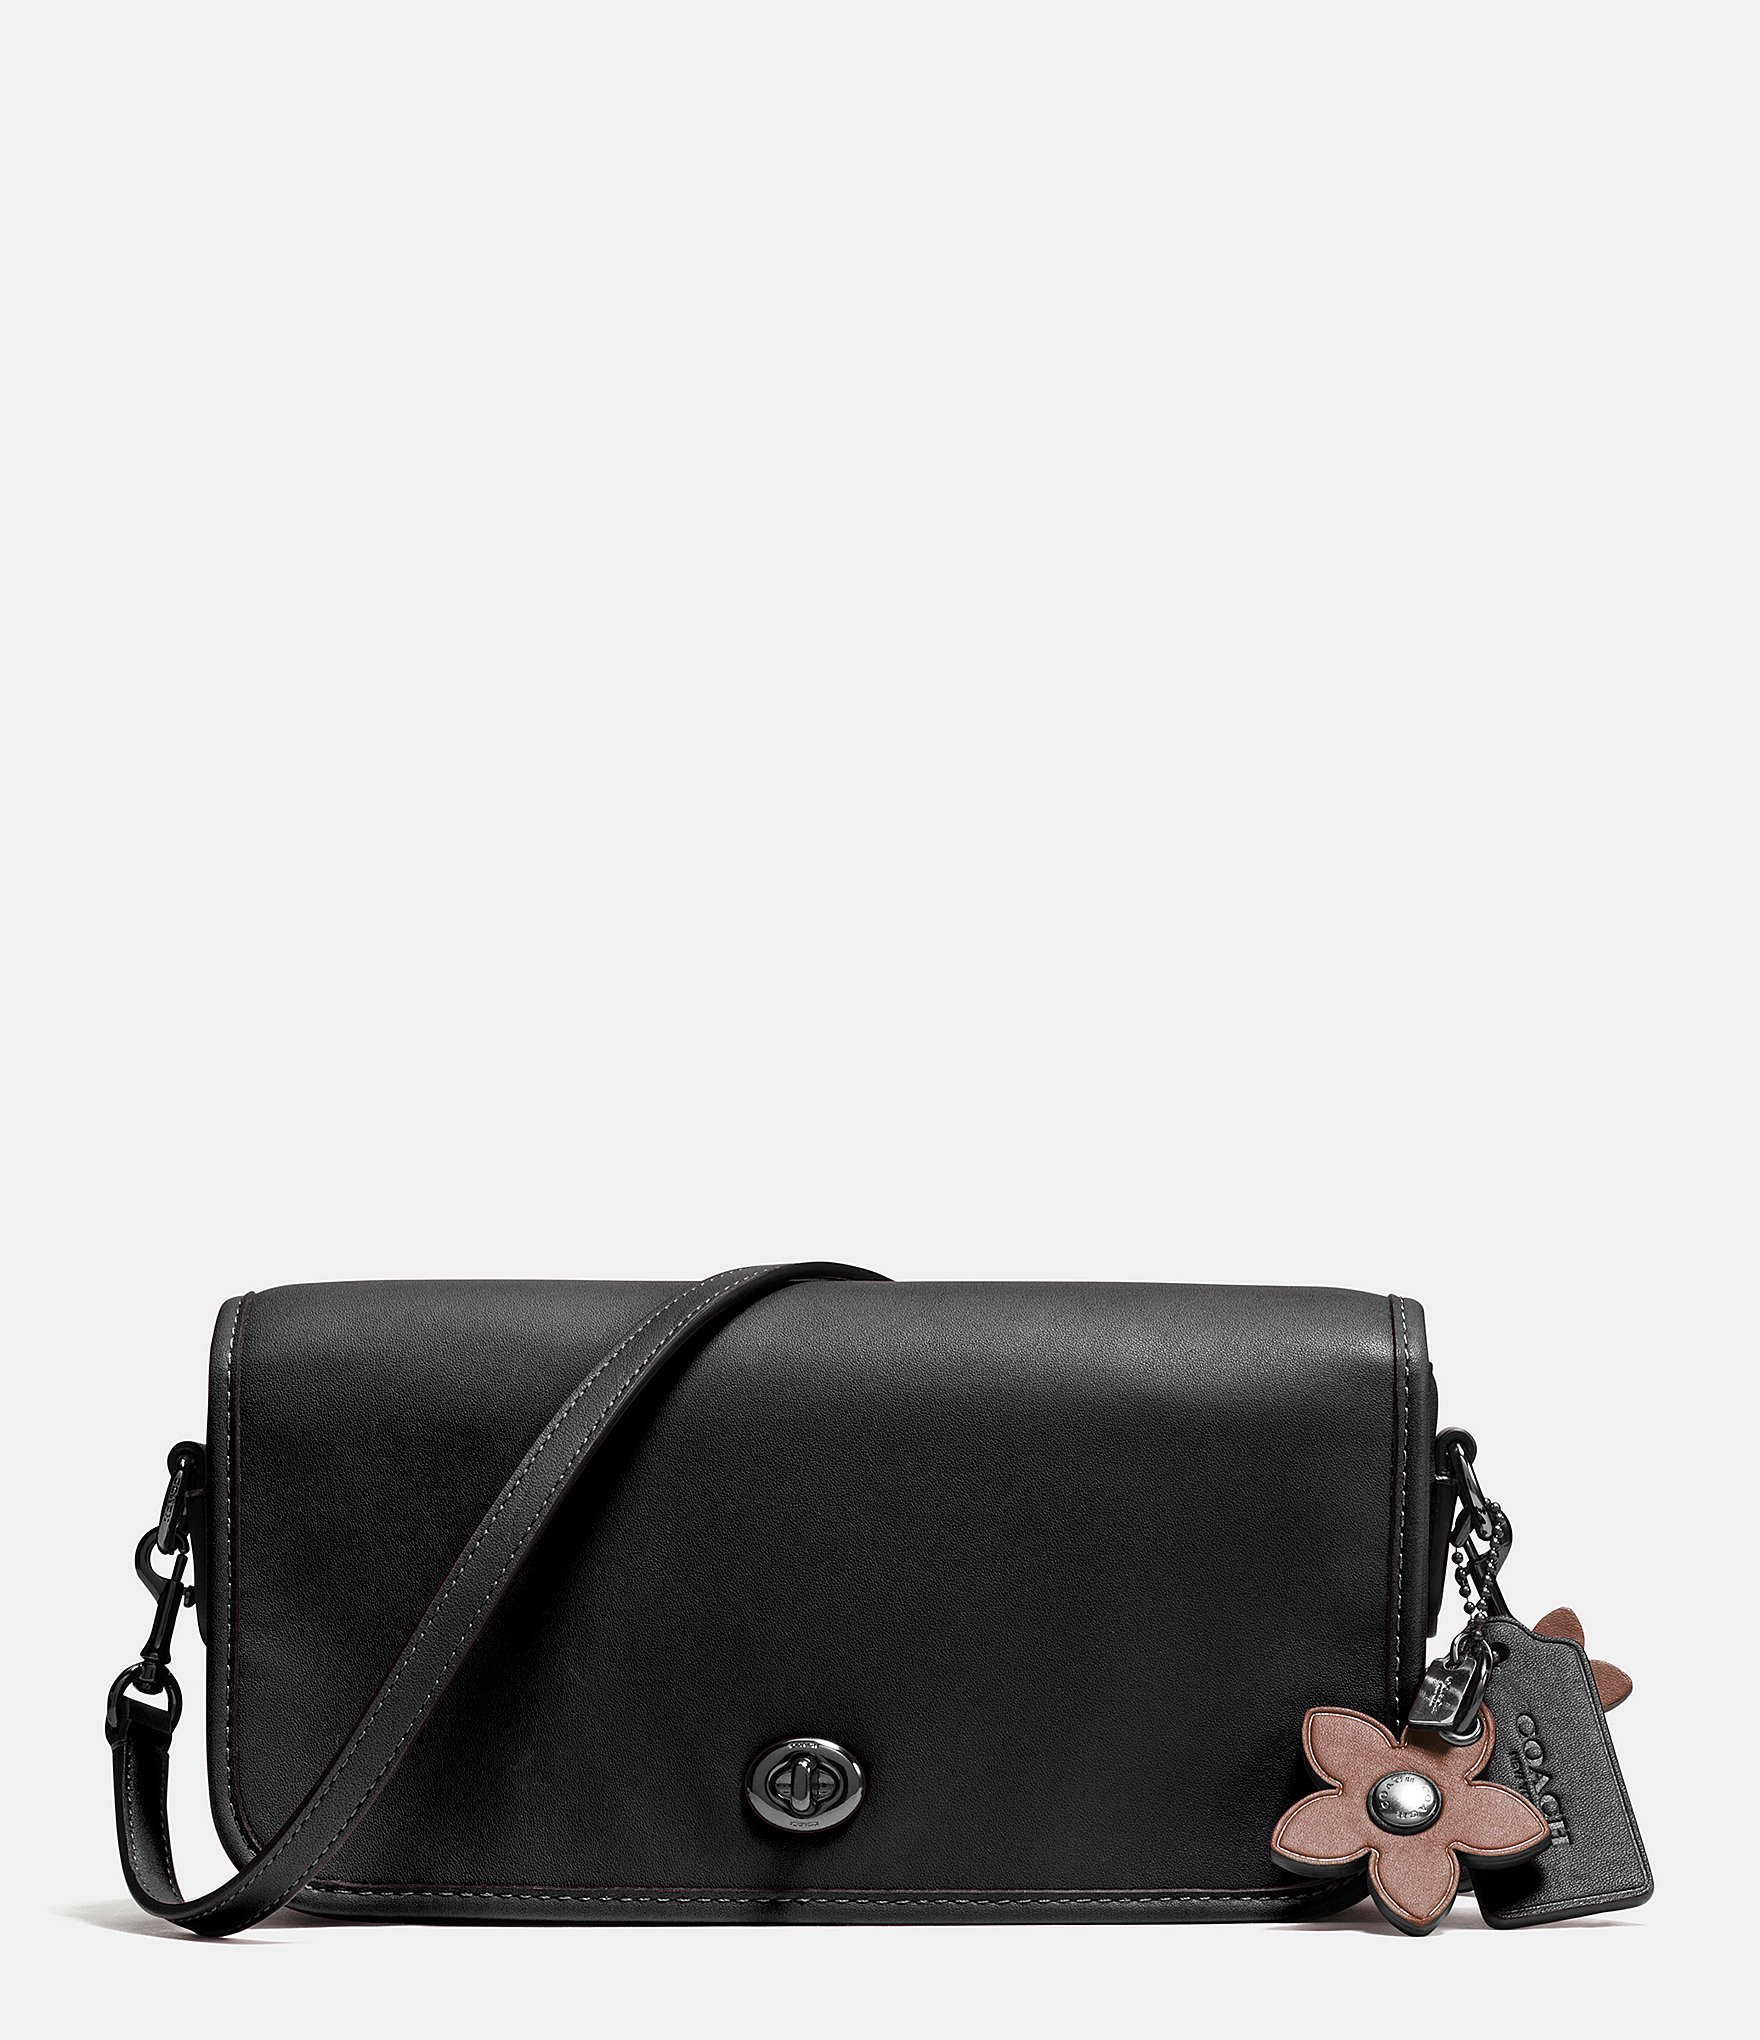 c9f203b47e88d ... closeout coach turnlock crossbody in glovetanned leather in black ly  6a40f b5e34